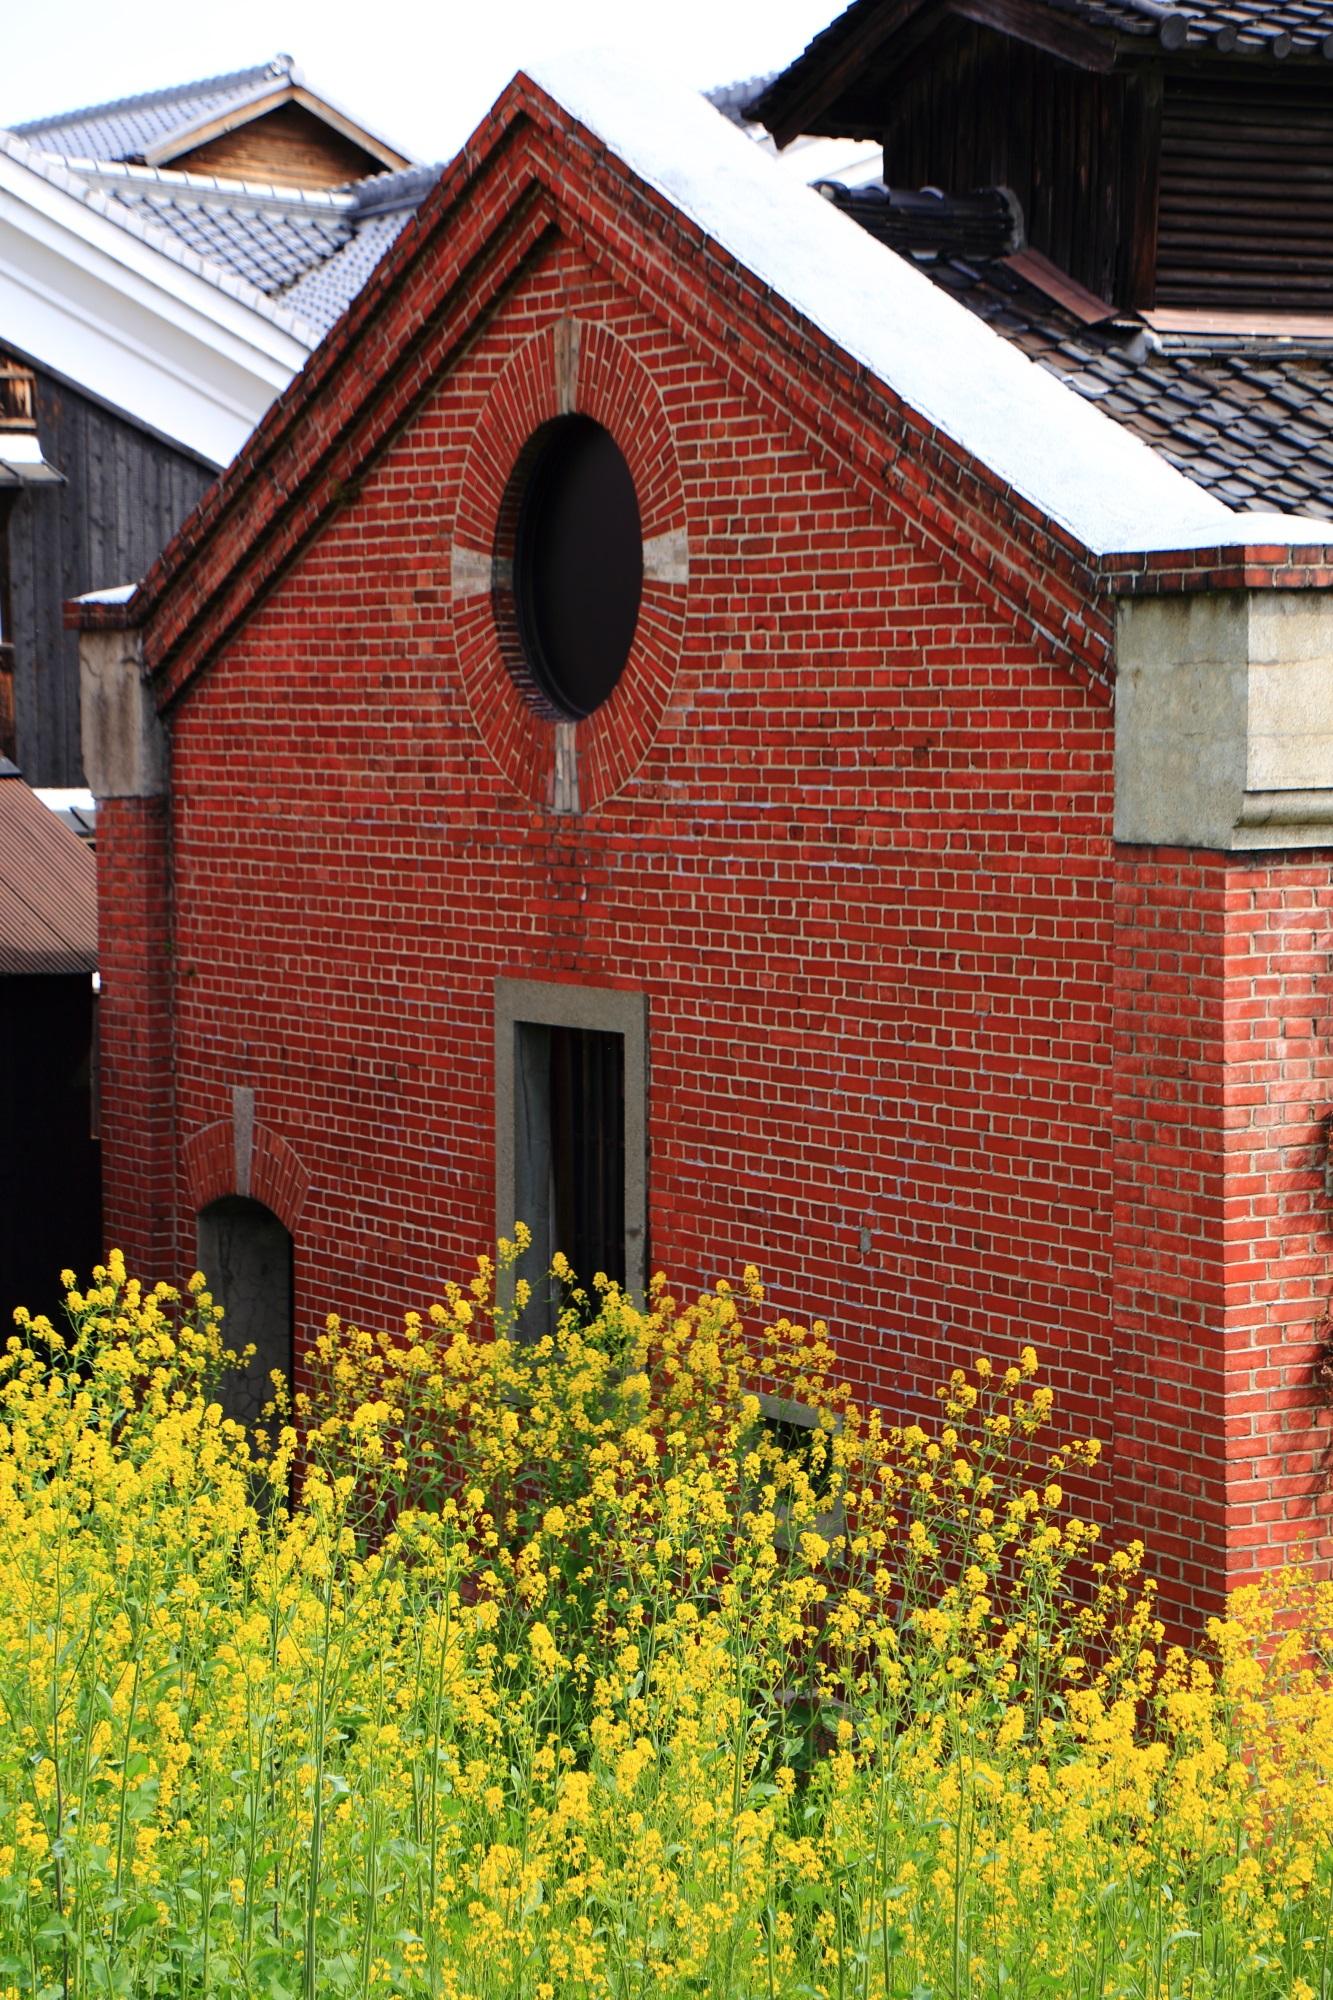 レンガ造りのレトロな建物を賑やかに華やぐ黄色い菜の花